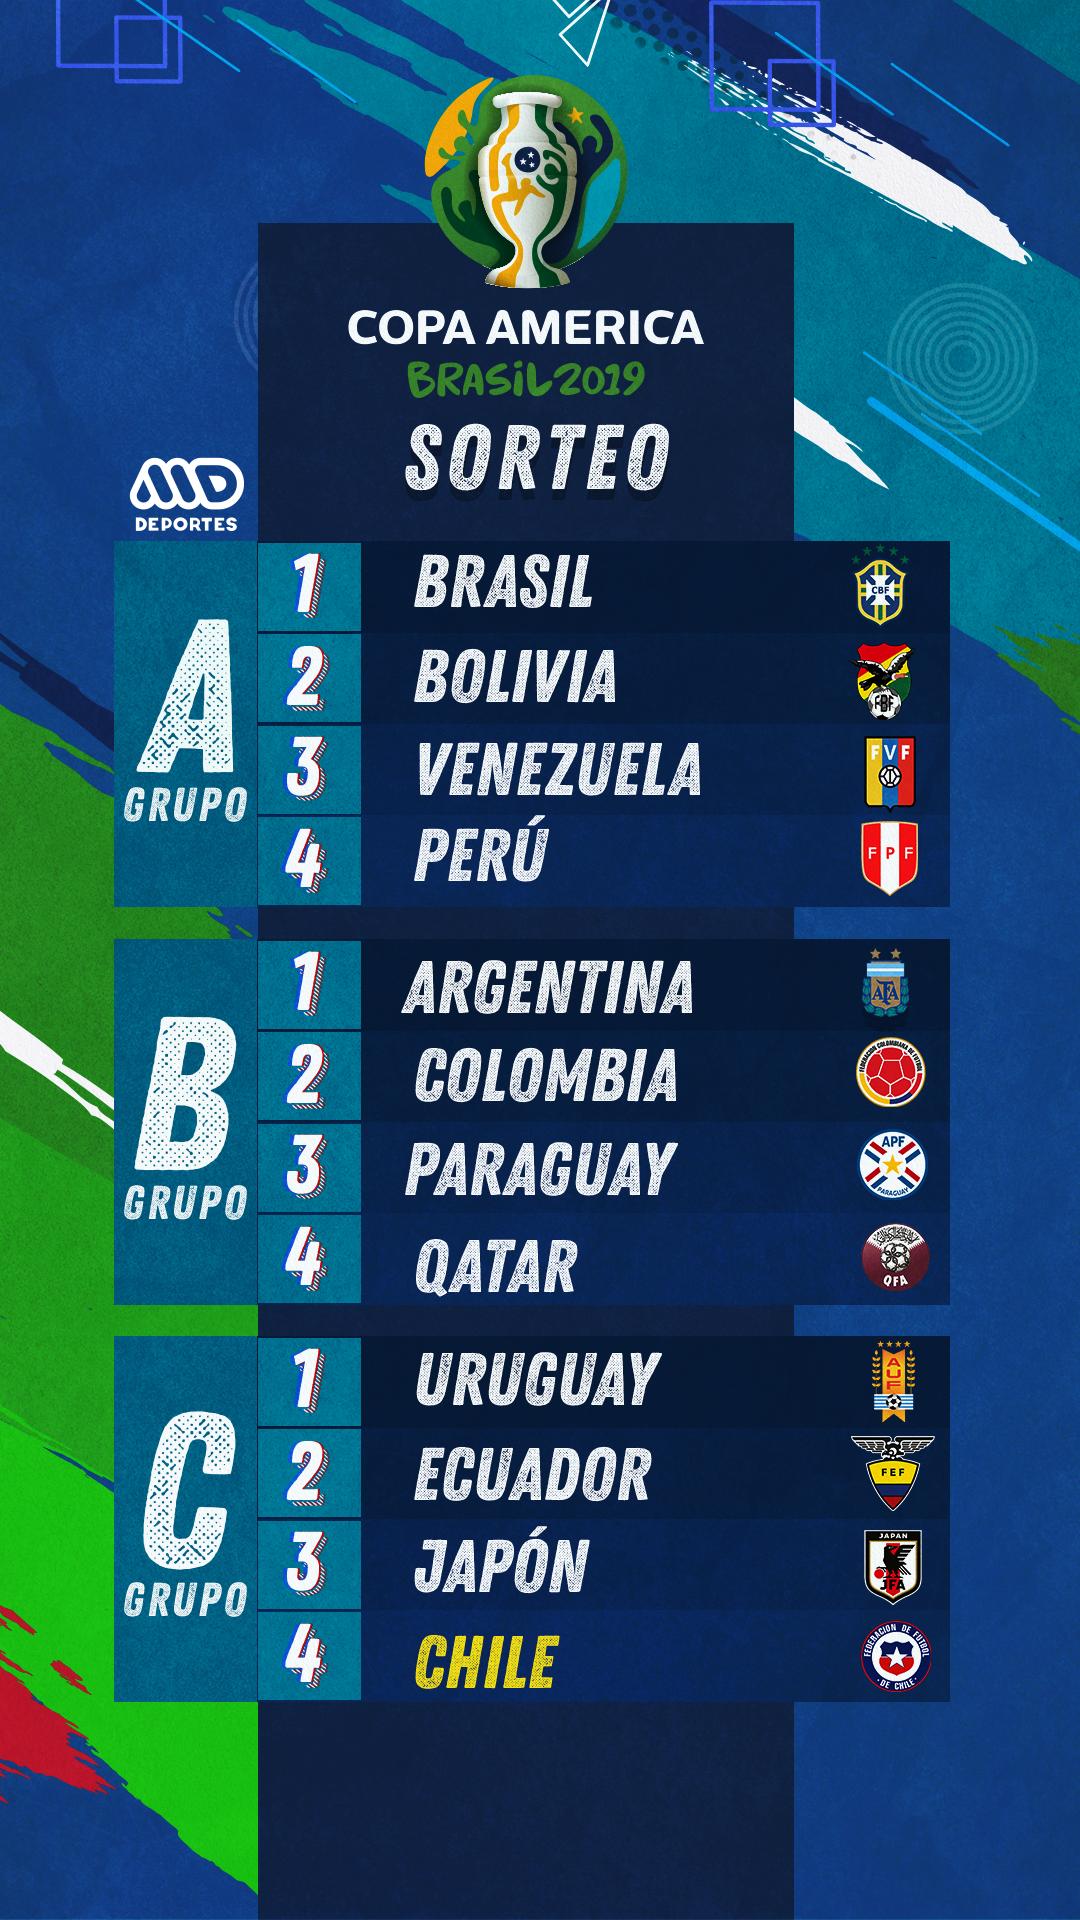 Calendario Copa.Calendario De Chile En Copa America Conoce Cuando Donde A Que